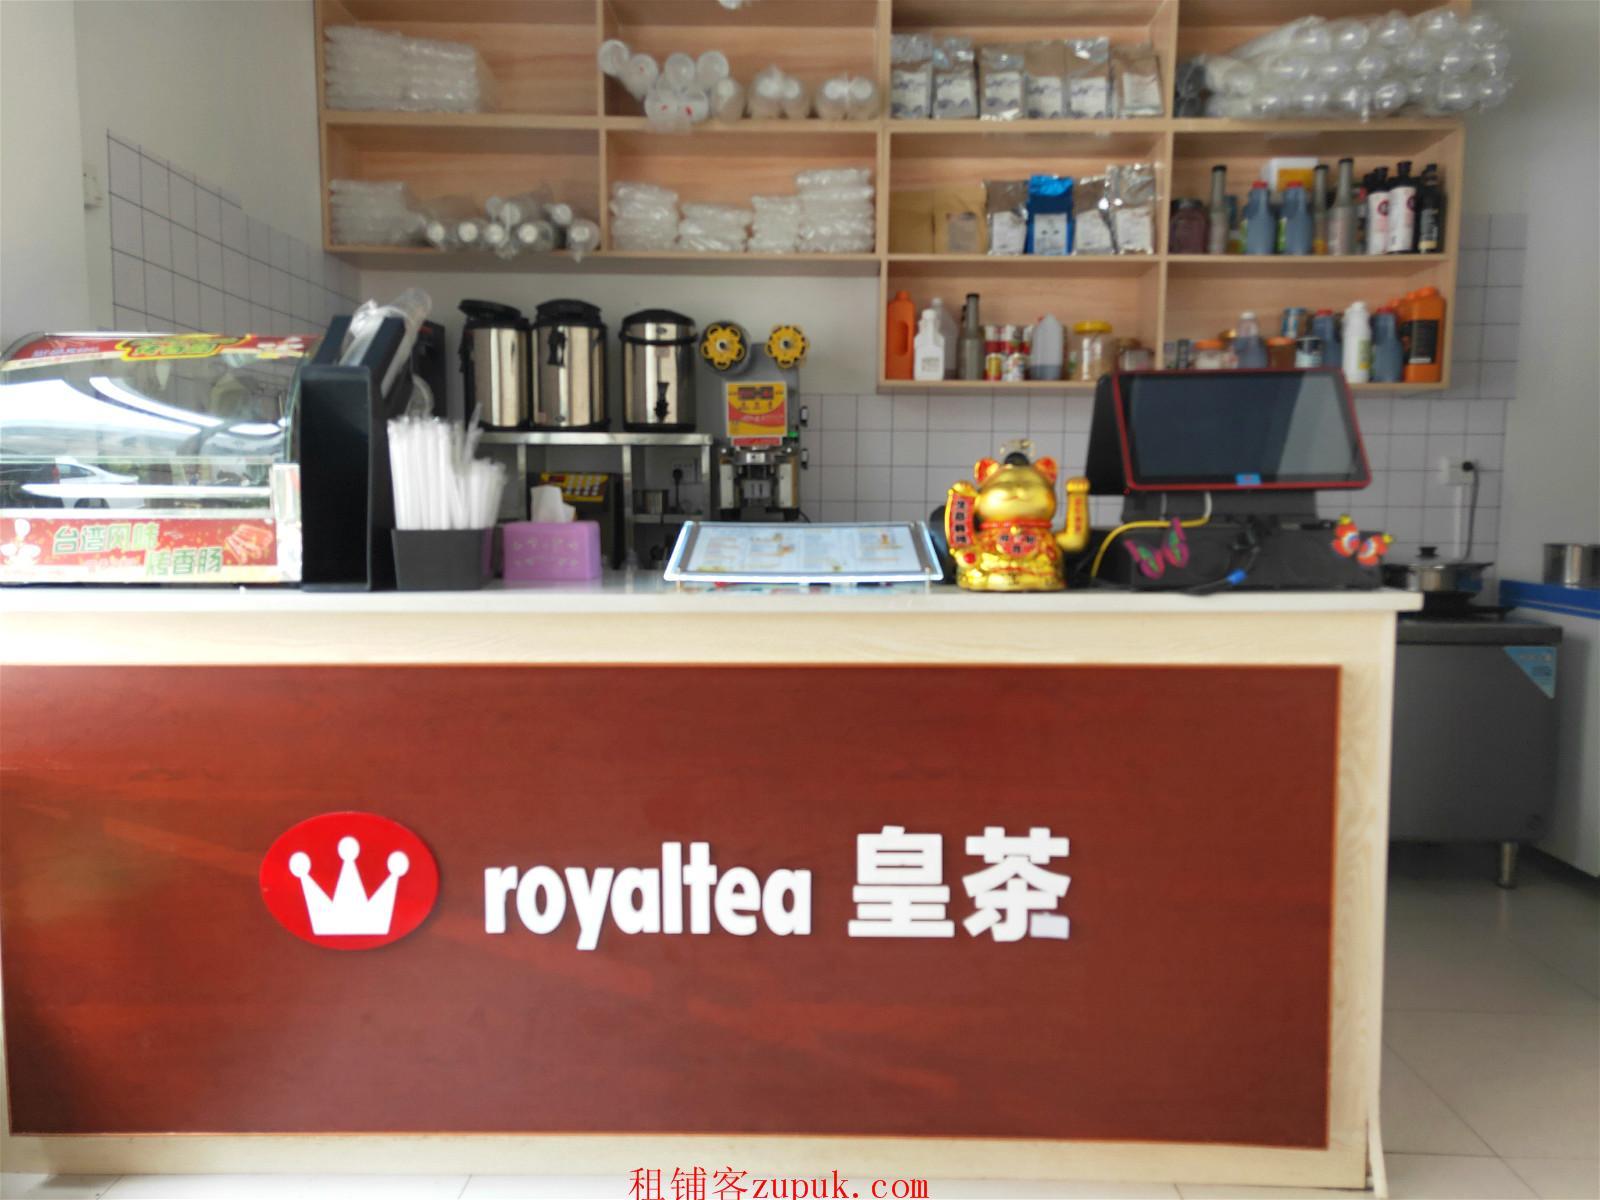 鲁班路人民大饭堂35平品牌奶茶店整转